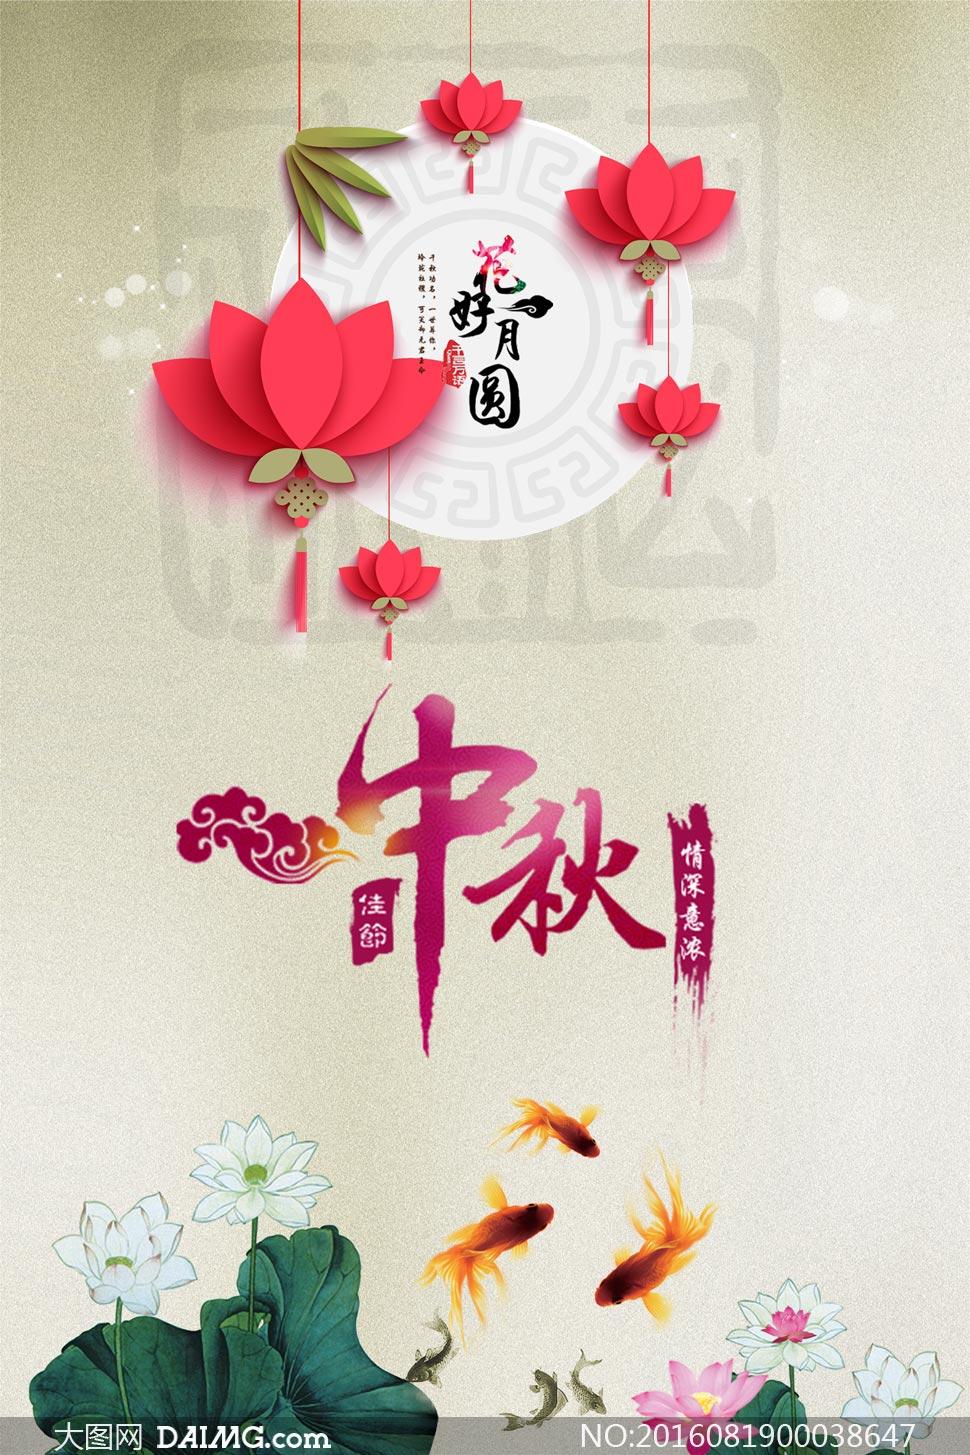 中秋节古典风主题海报设计psd素材